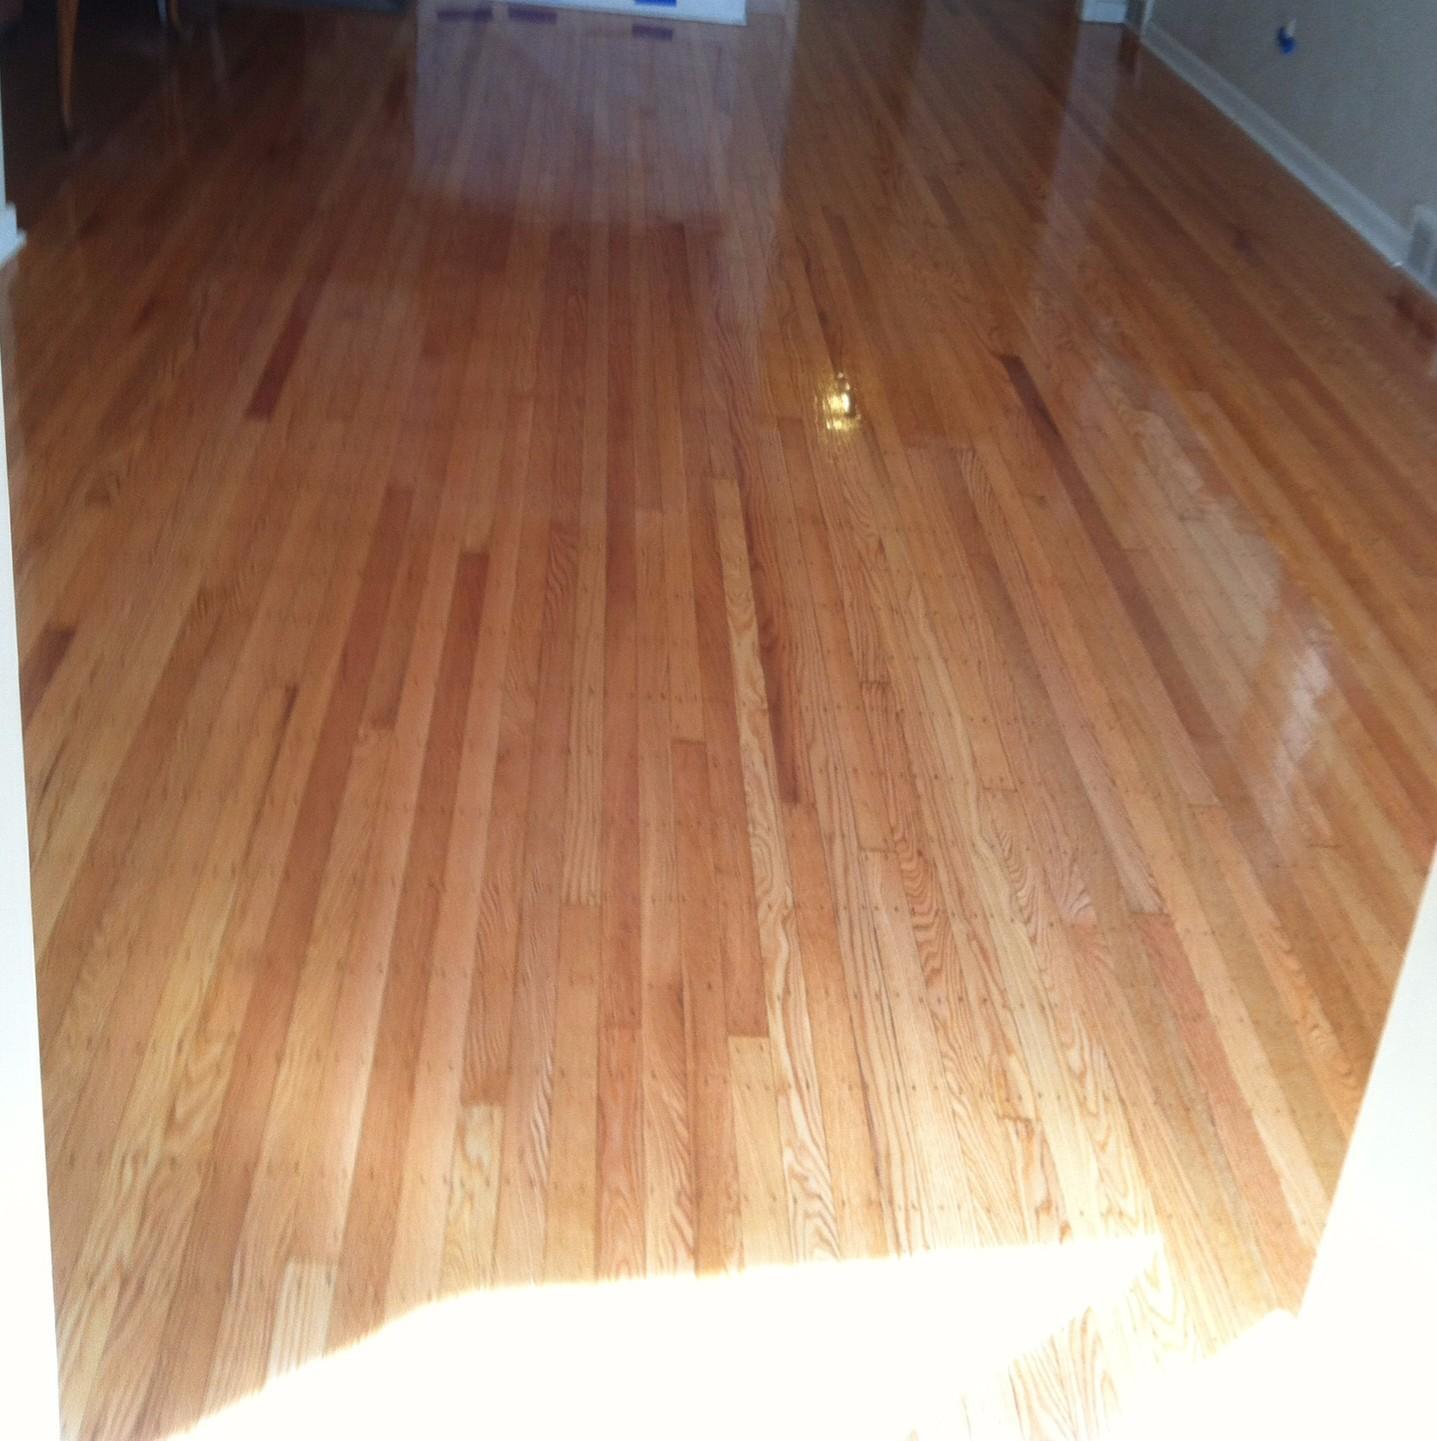 Joe DiNardis Hardwood Floors Refinishing image 3